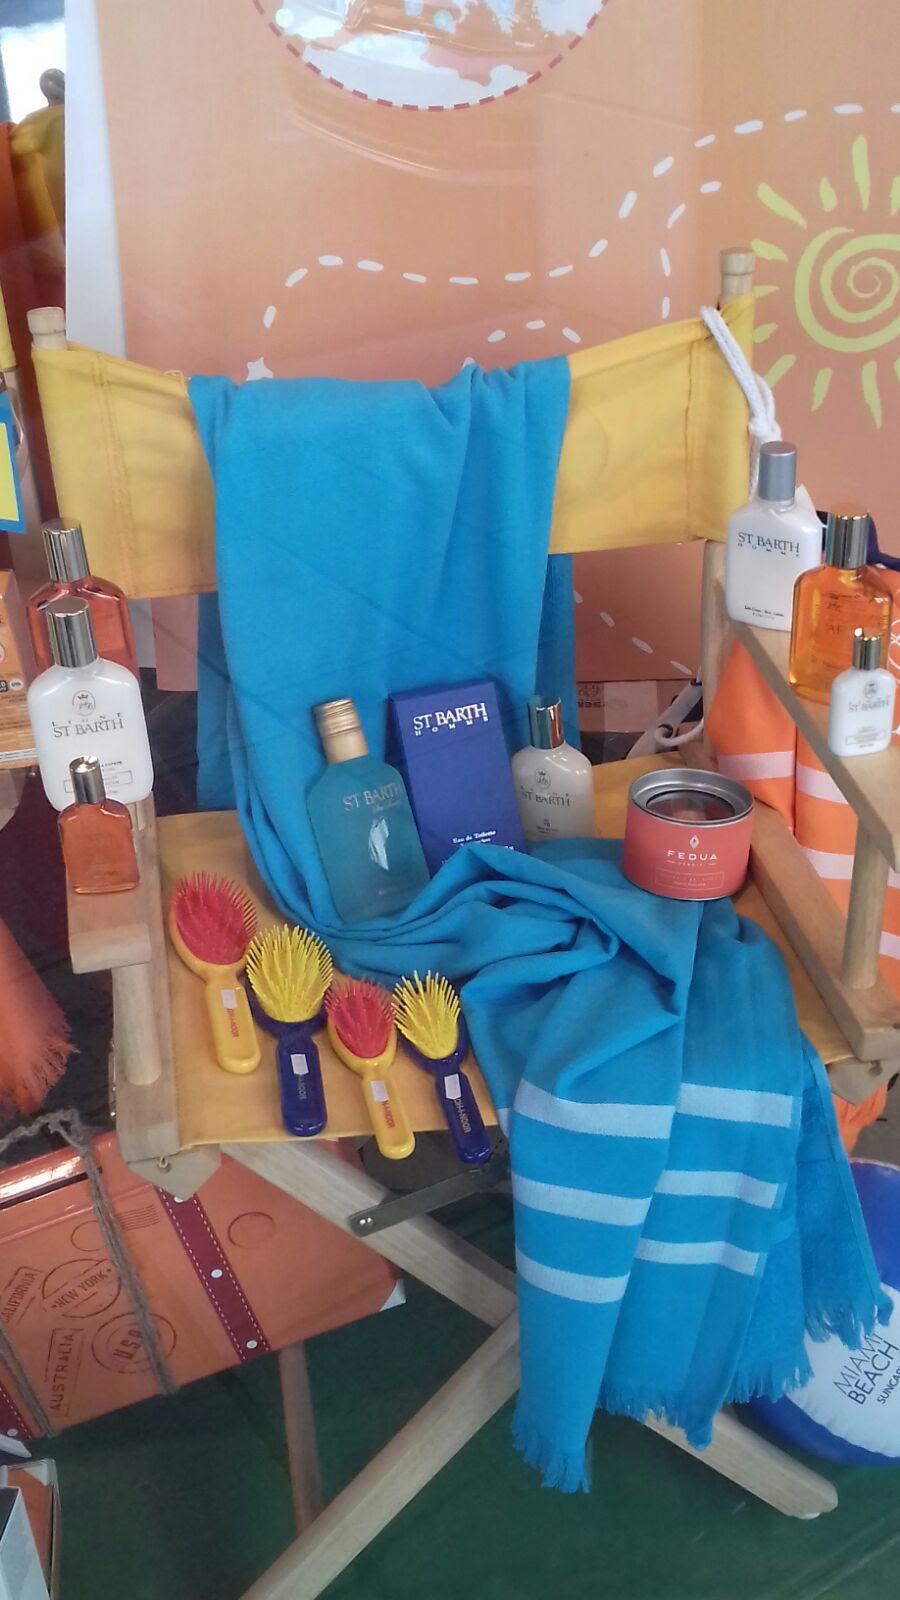 Promozione estiva Ligne St Barth - Con 3 prodotti il telo mare è in OMAGGIO